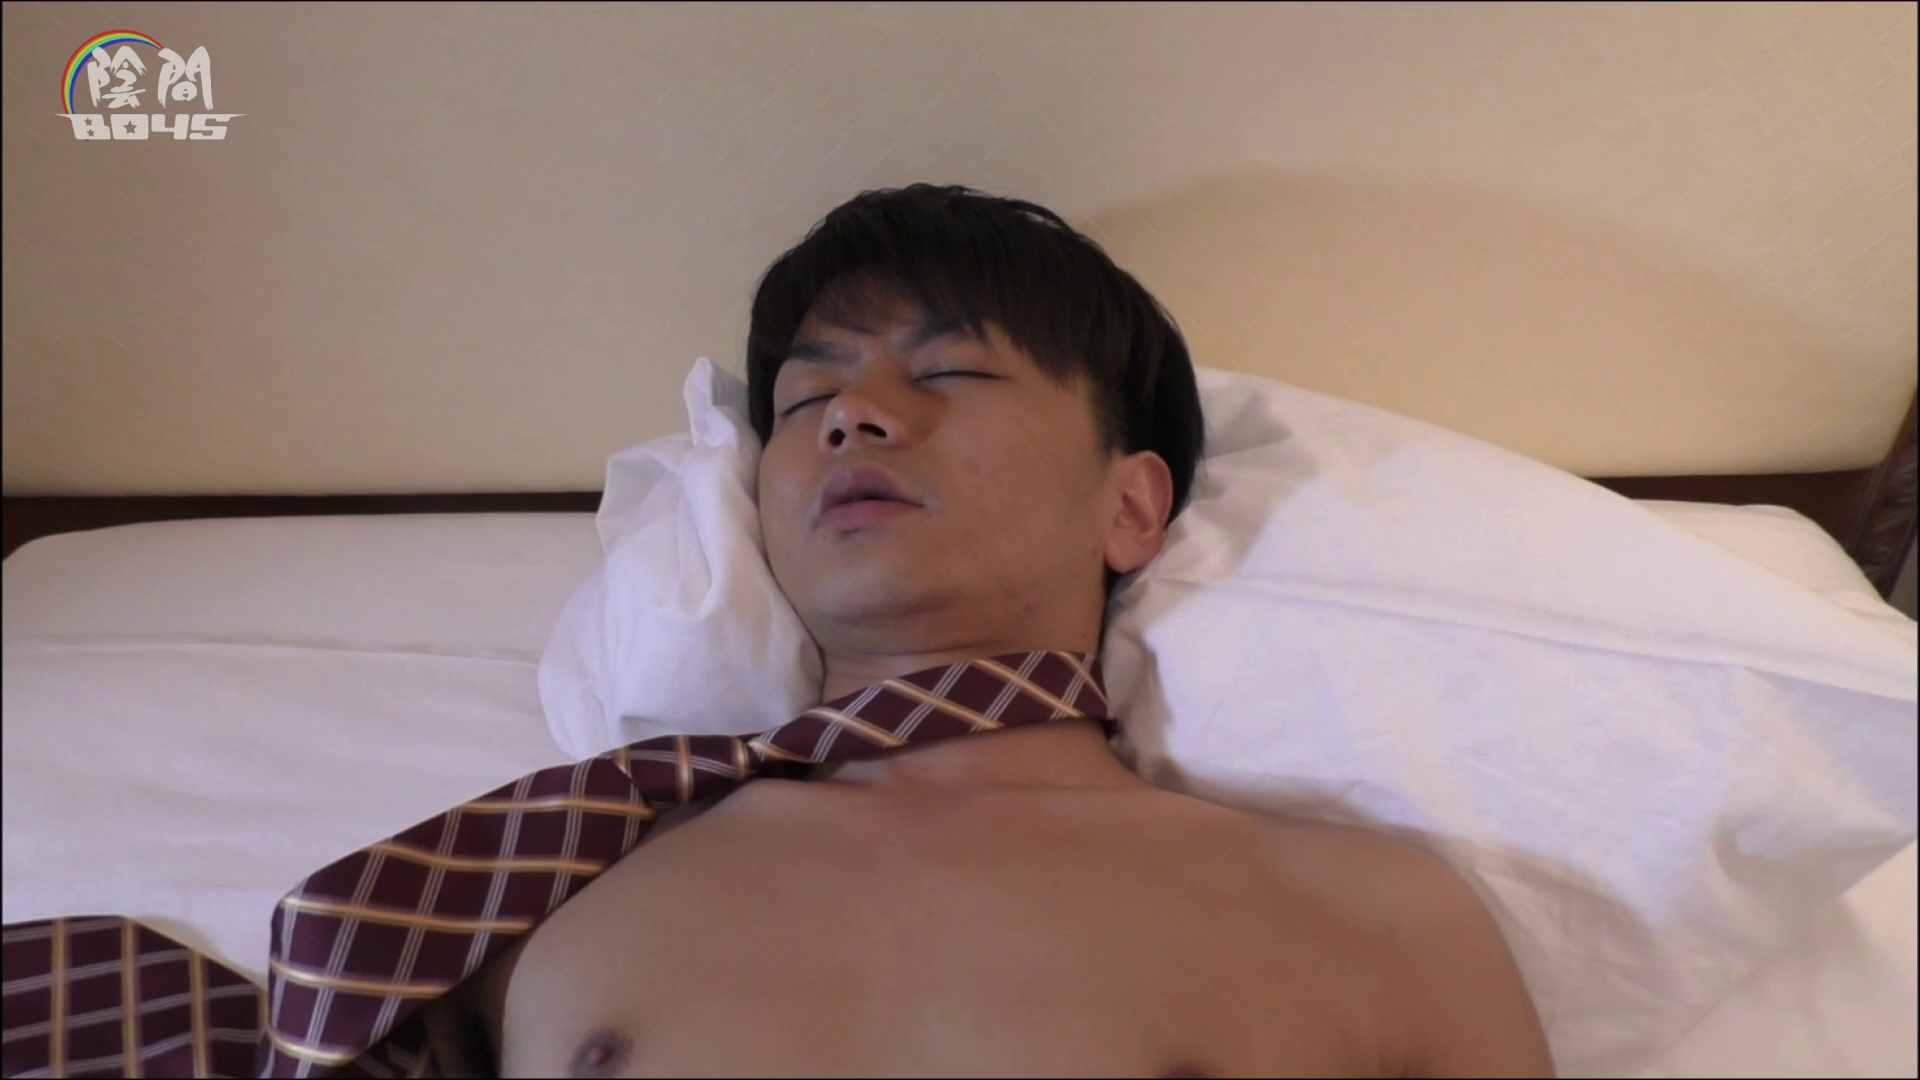 陰間BOYS~キャバクラの仕事はアナルから4 Vol.04 男のゲイ天国  7枚 7